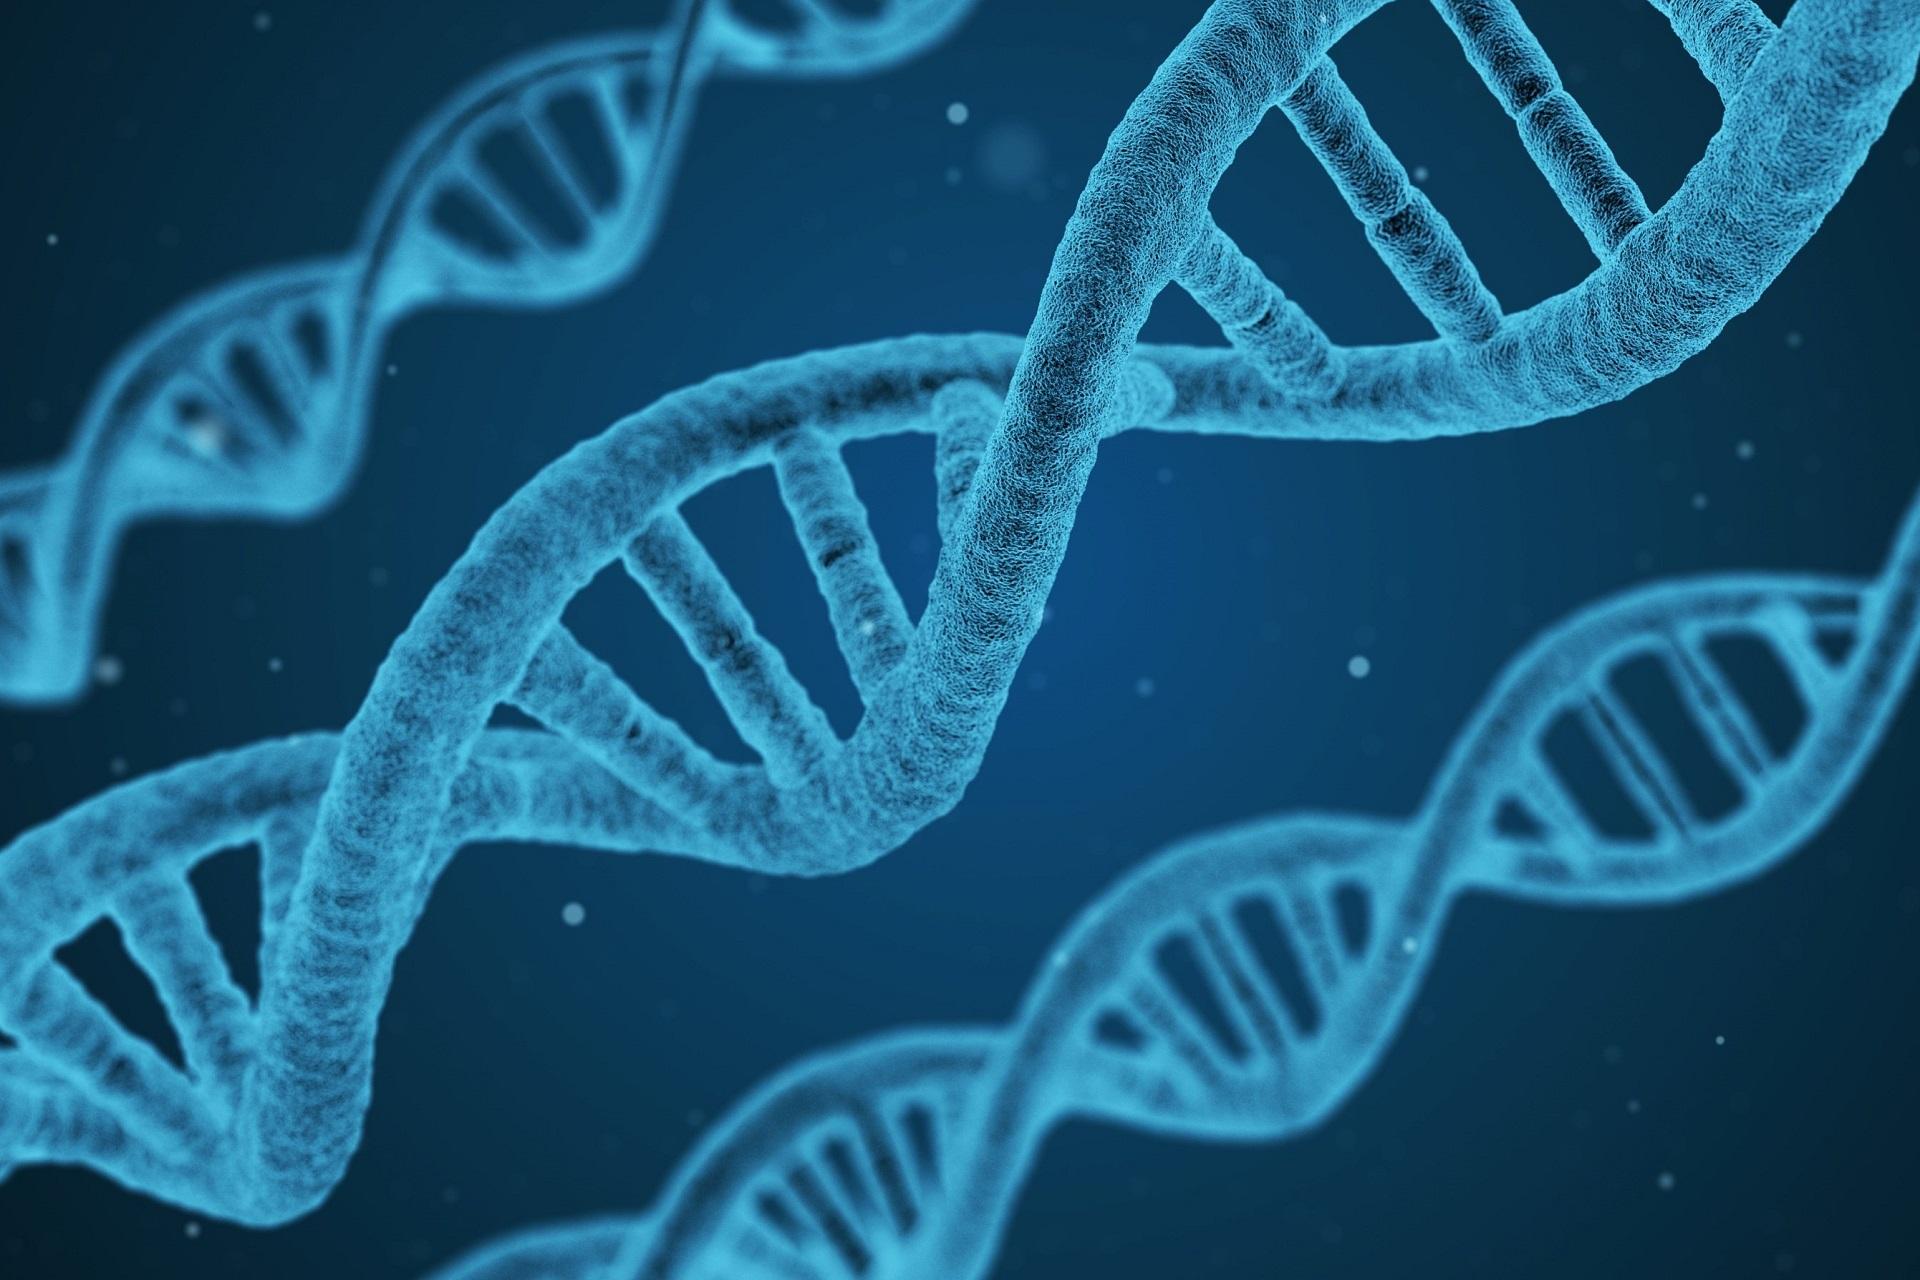 Können sich Gene verändern?